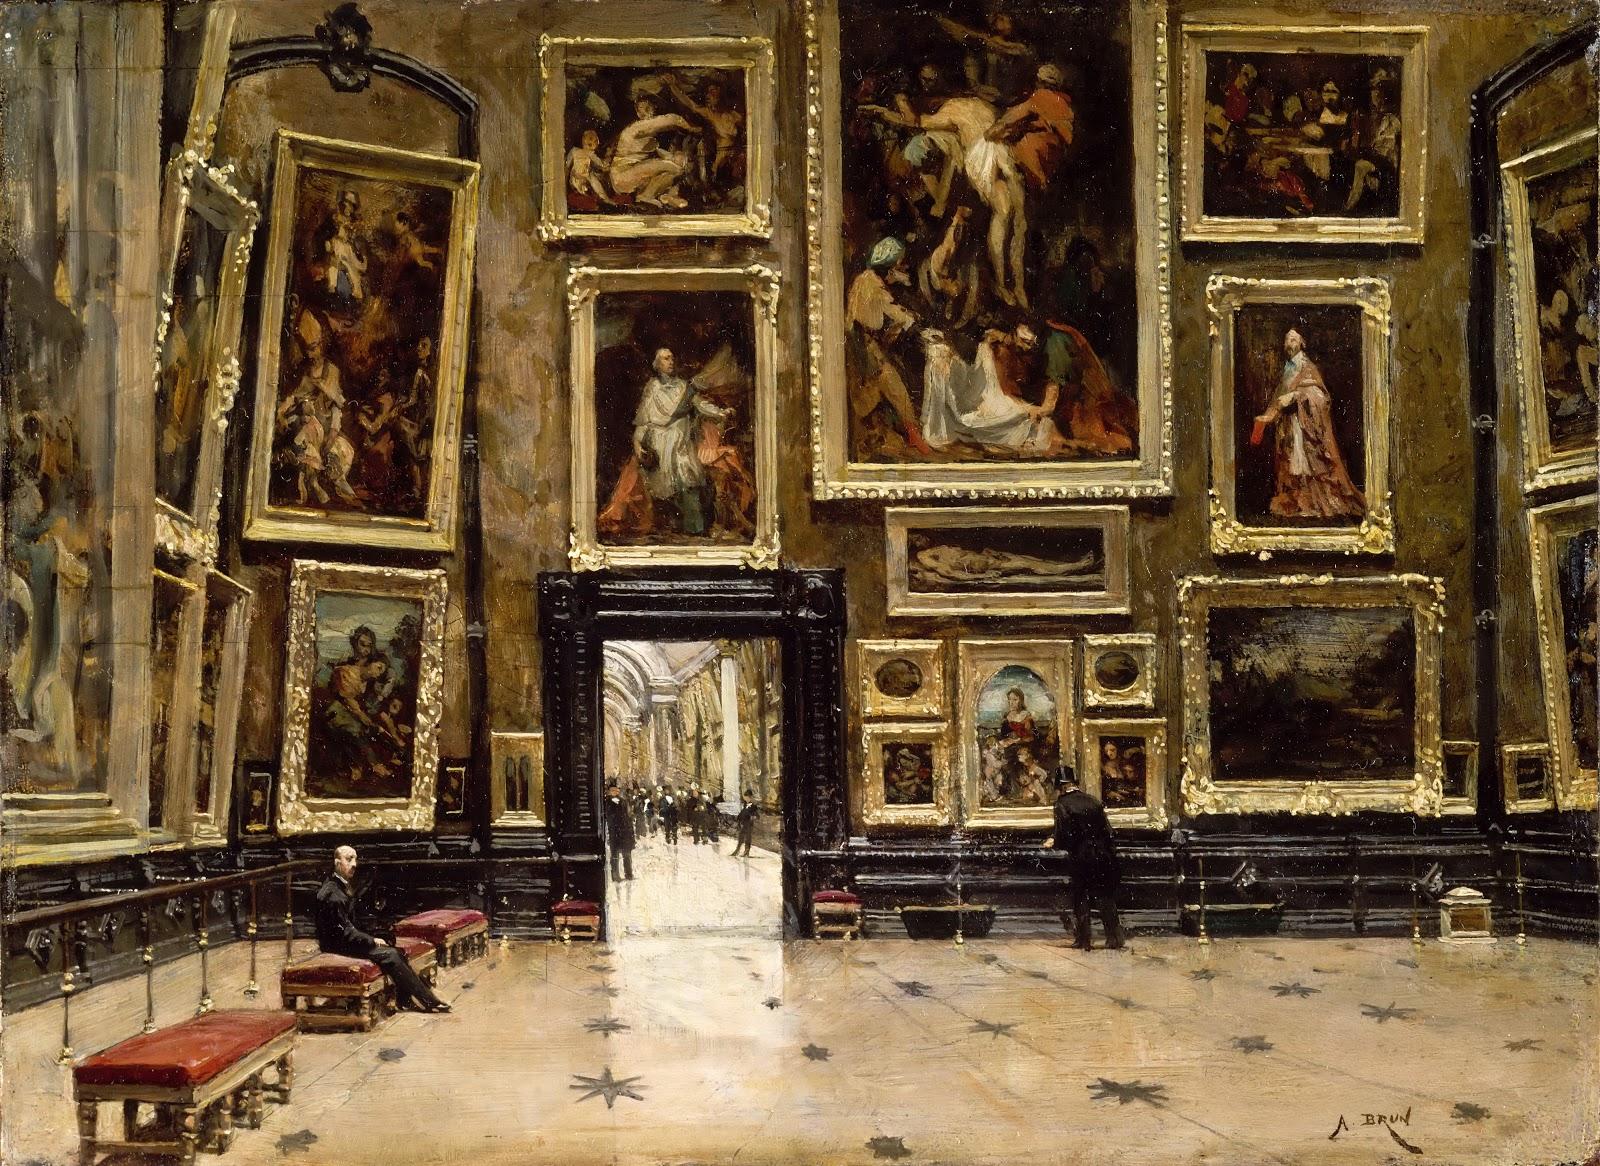 Александр Брюн «Вид на Салон Карре в Лувре», 1880. Источник: www.tuttartpitturasculturapoesiamusica.com